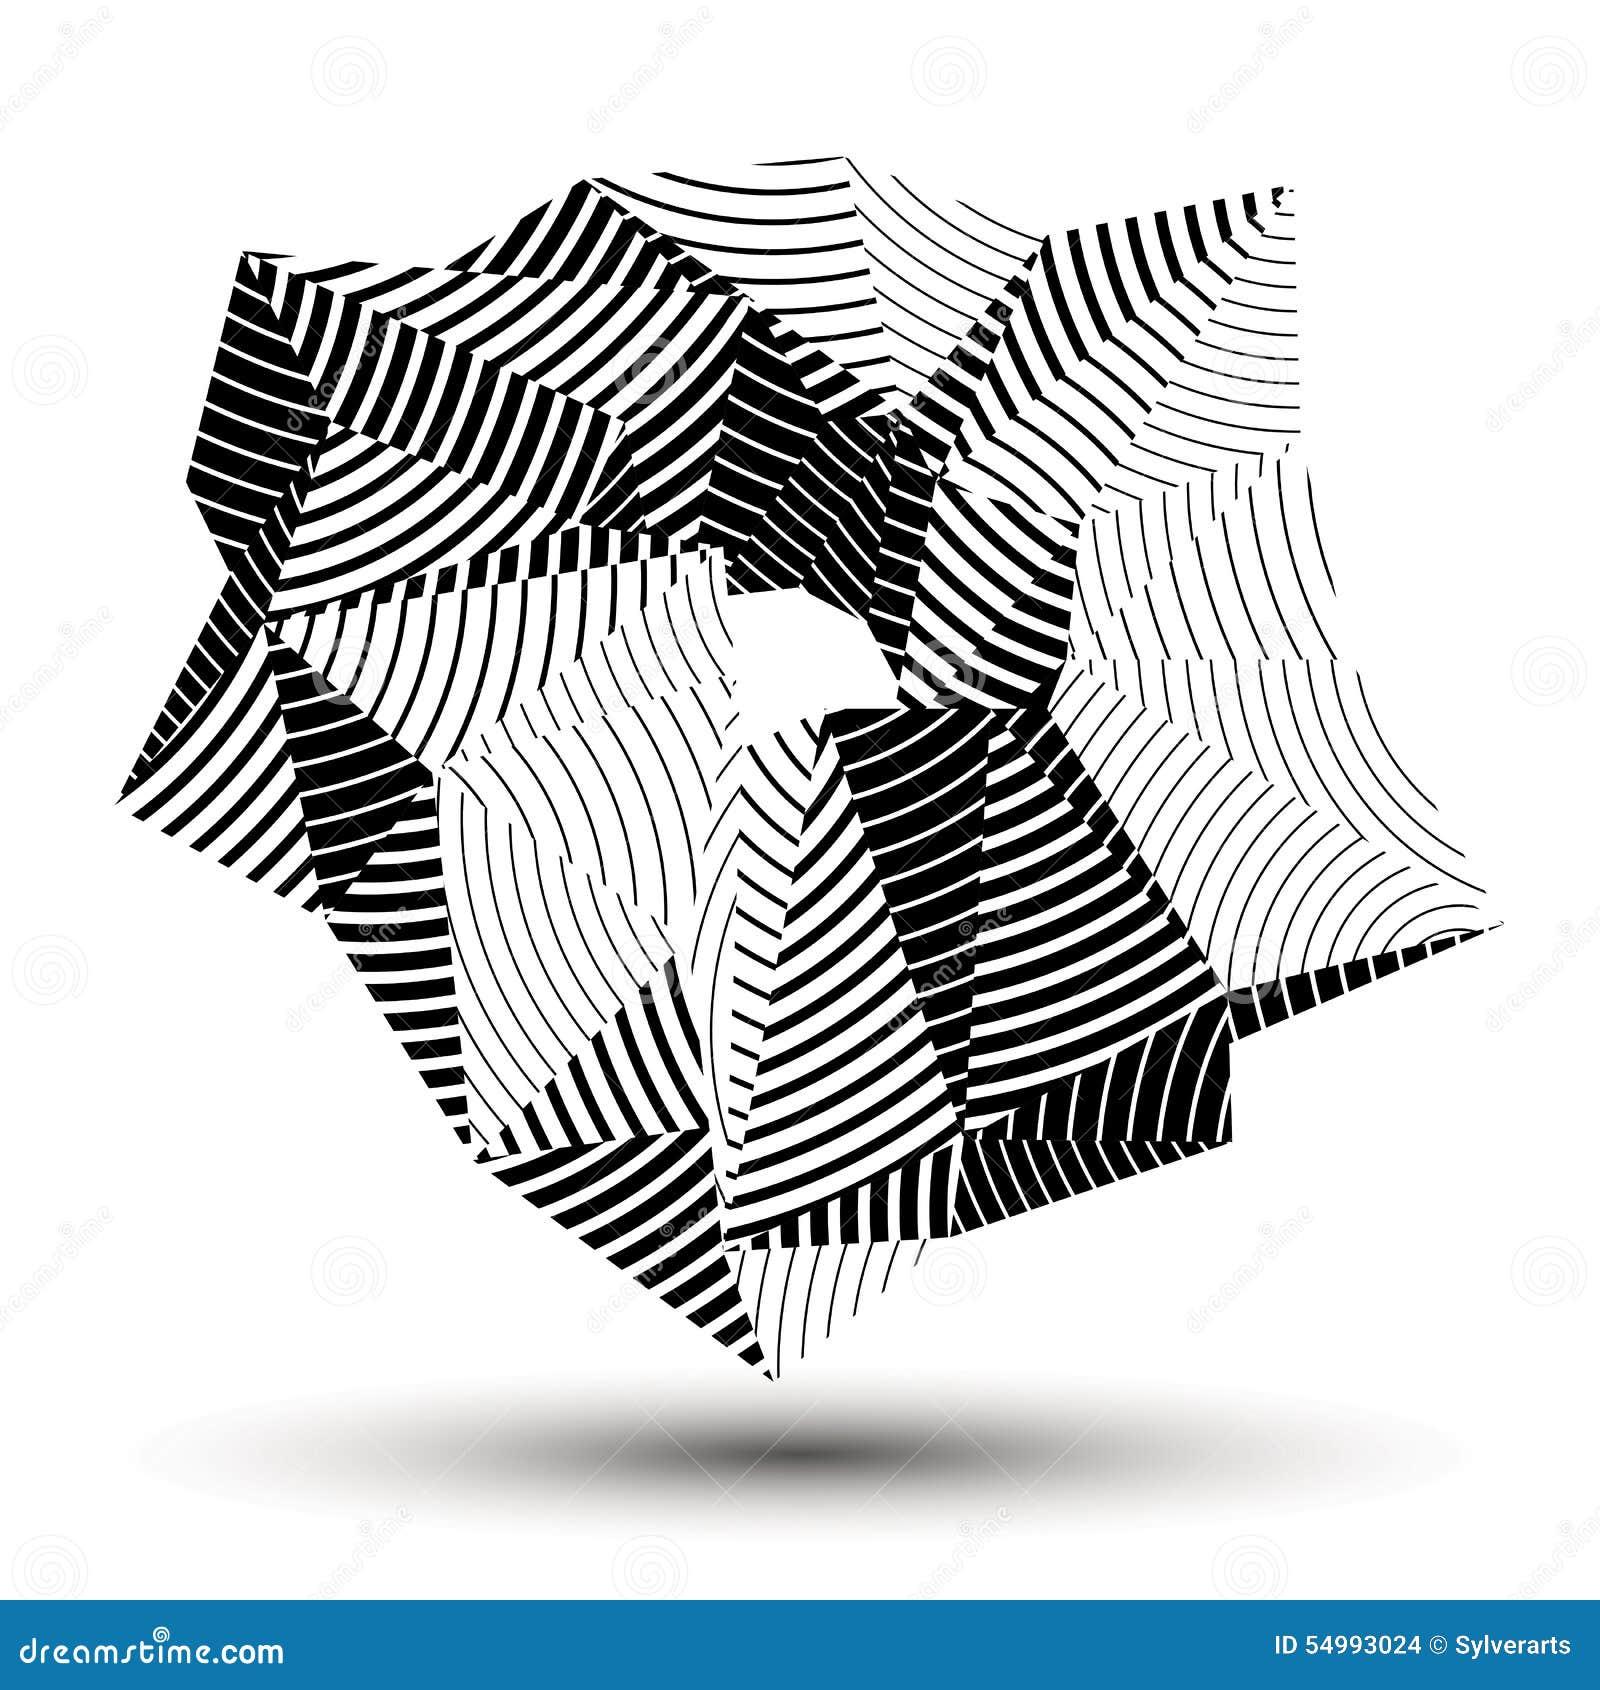 För abstrakt begreppteknologi för vektor 3D illustration, geometriskt ovanligt strimmigt objekt